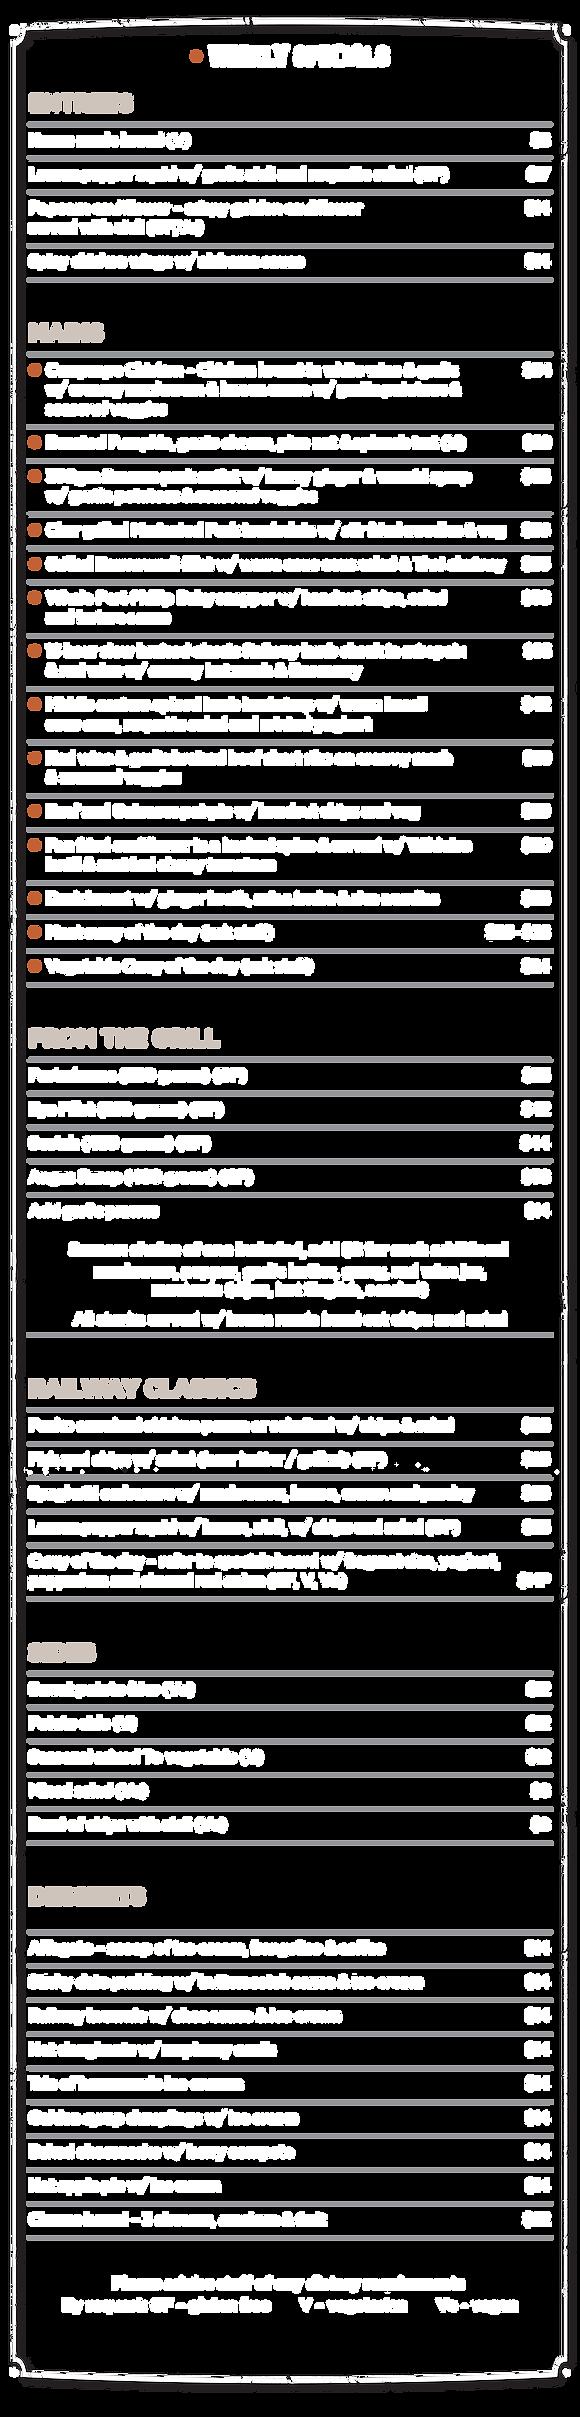 Railway website menu - 28 July 2021.png